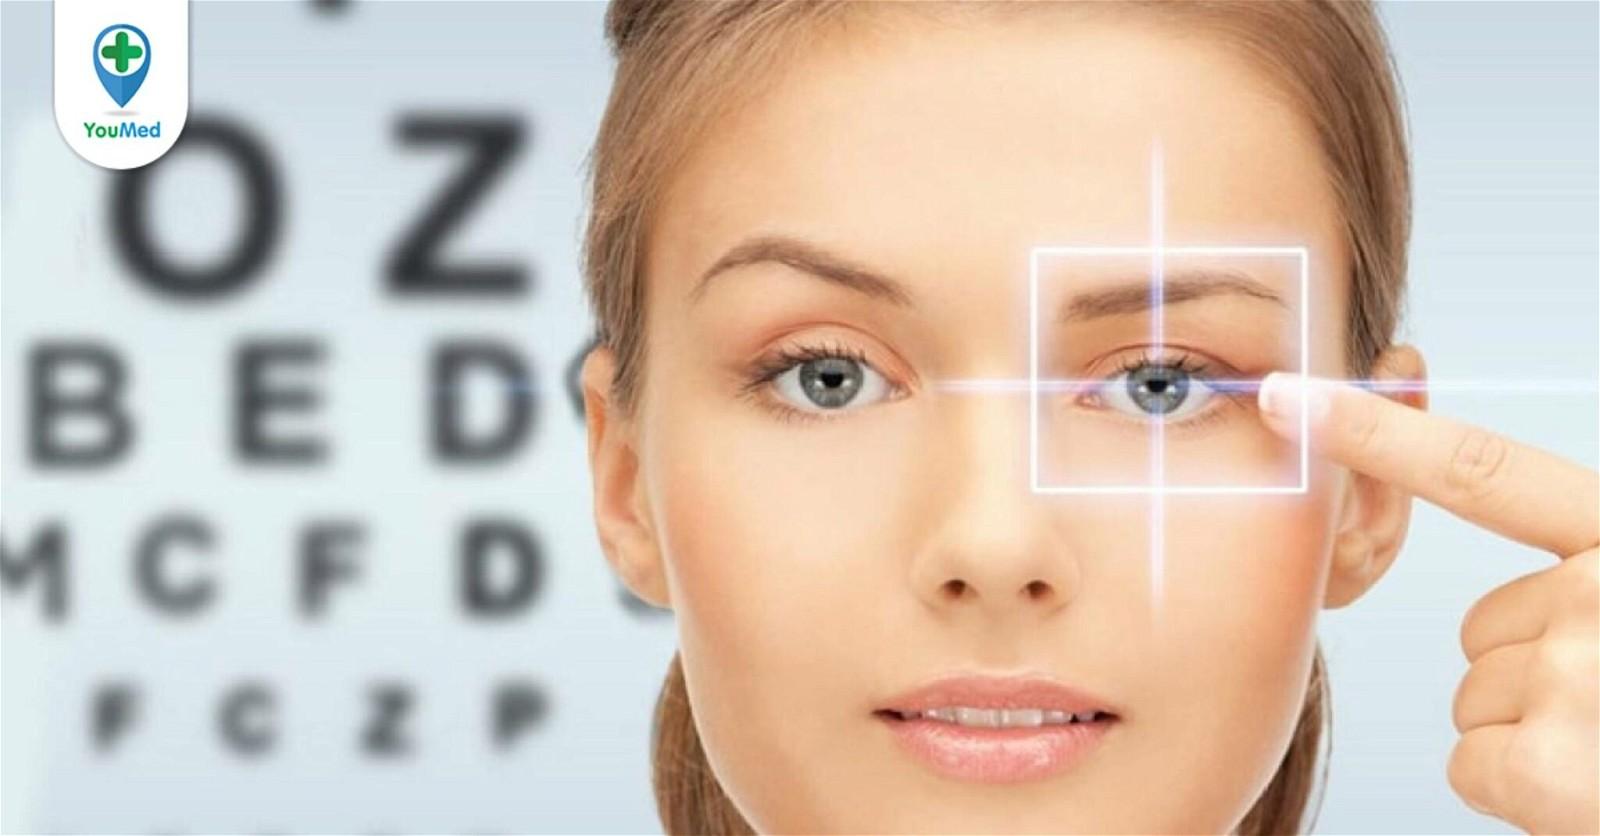 Thuốc bổ mắt Eyebi và những thông tin cần thiết